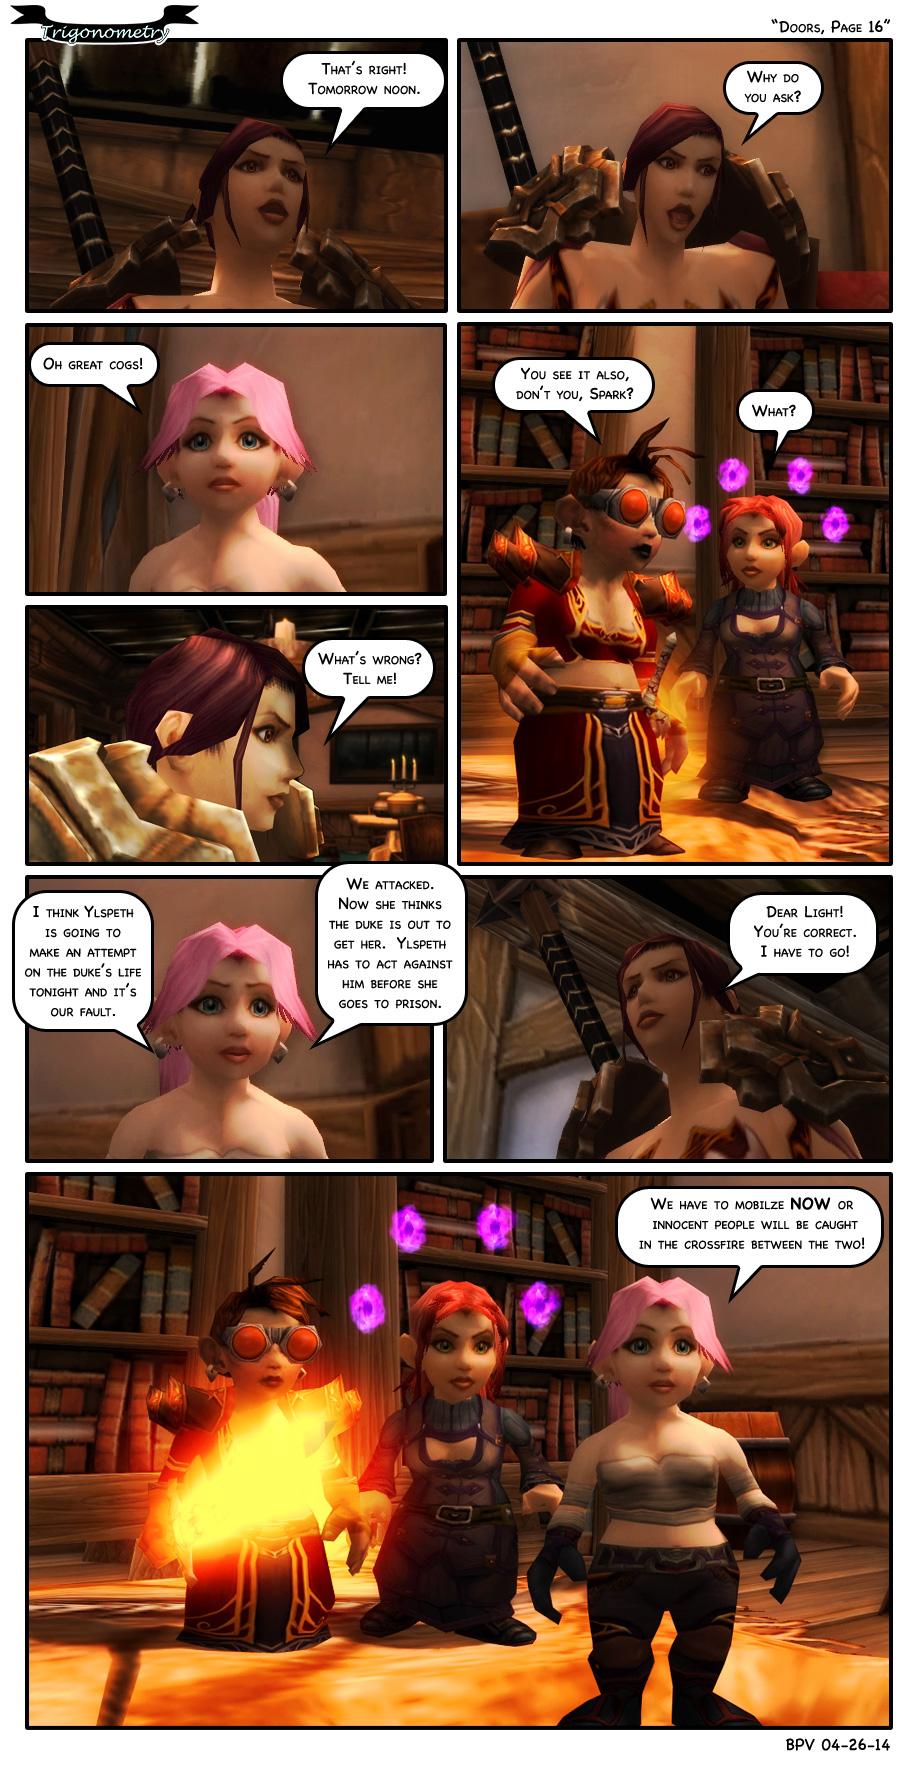 Doors, Page 16